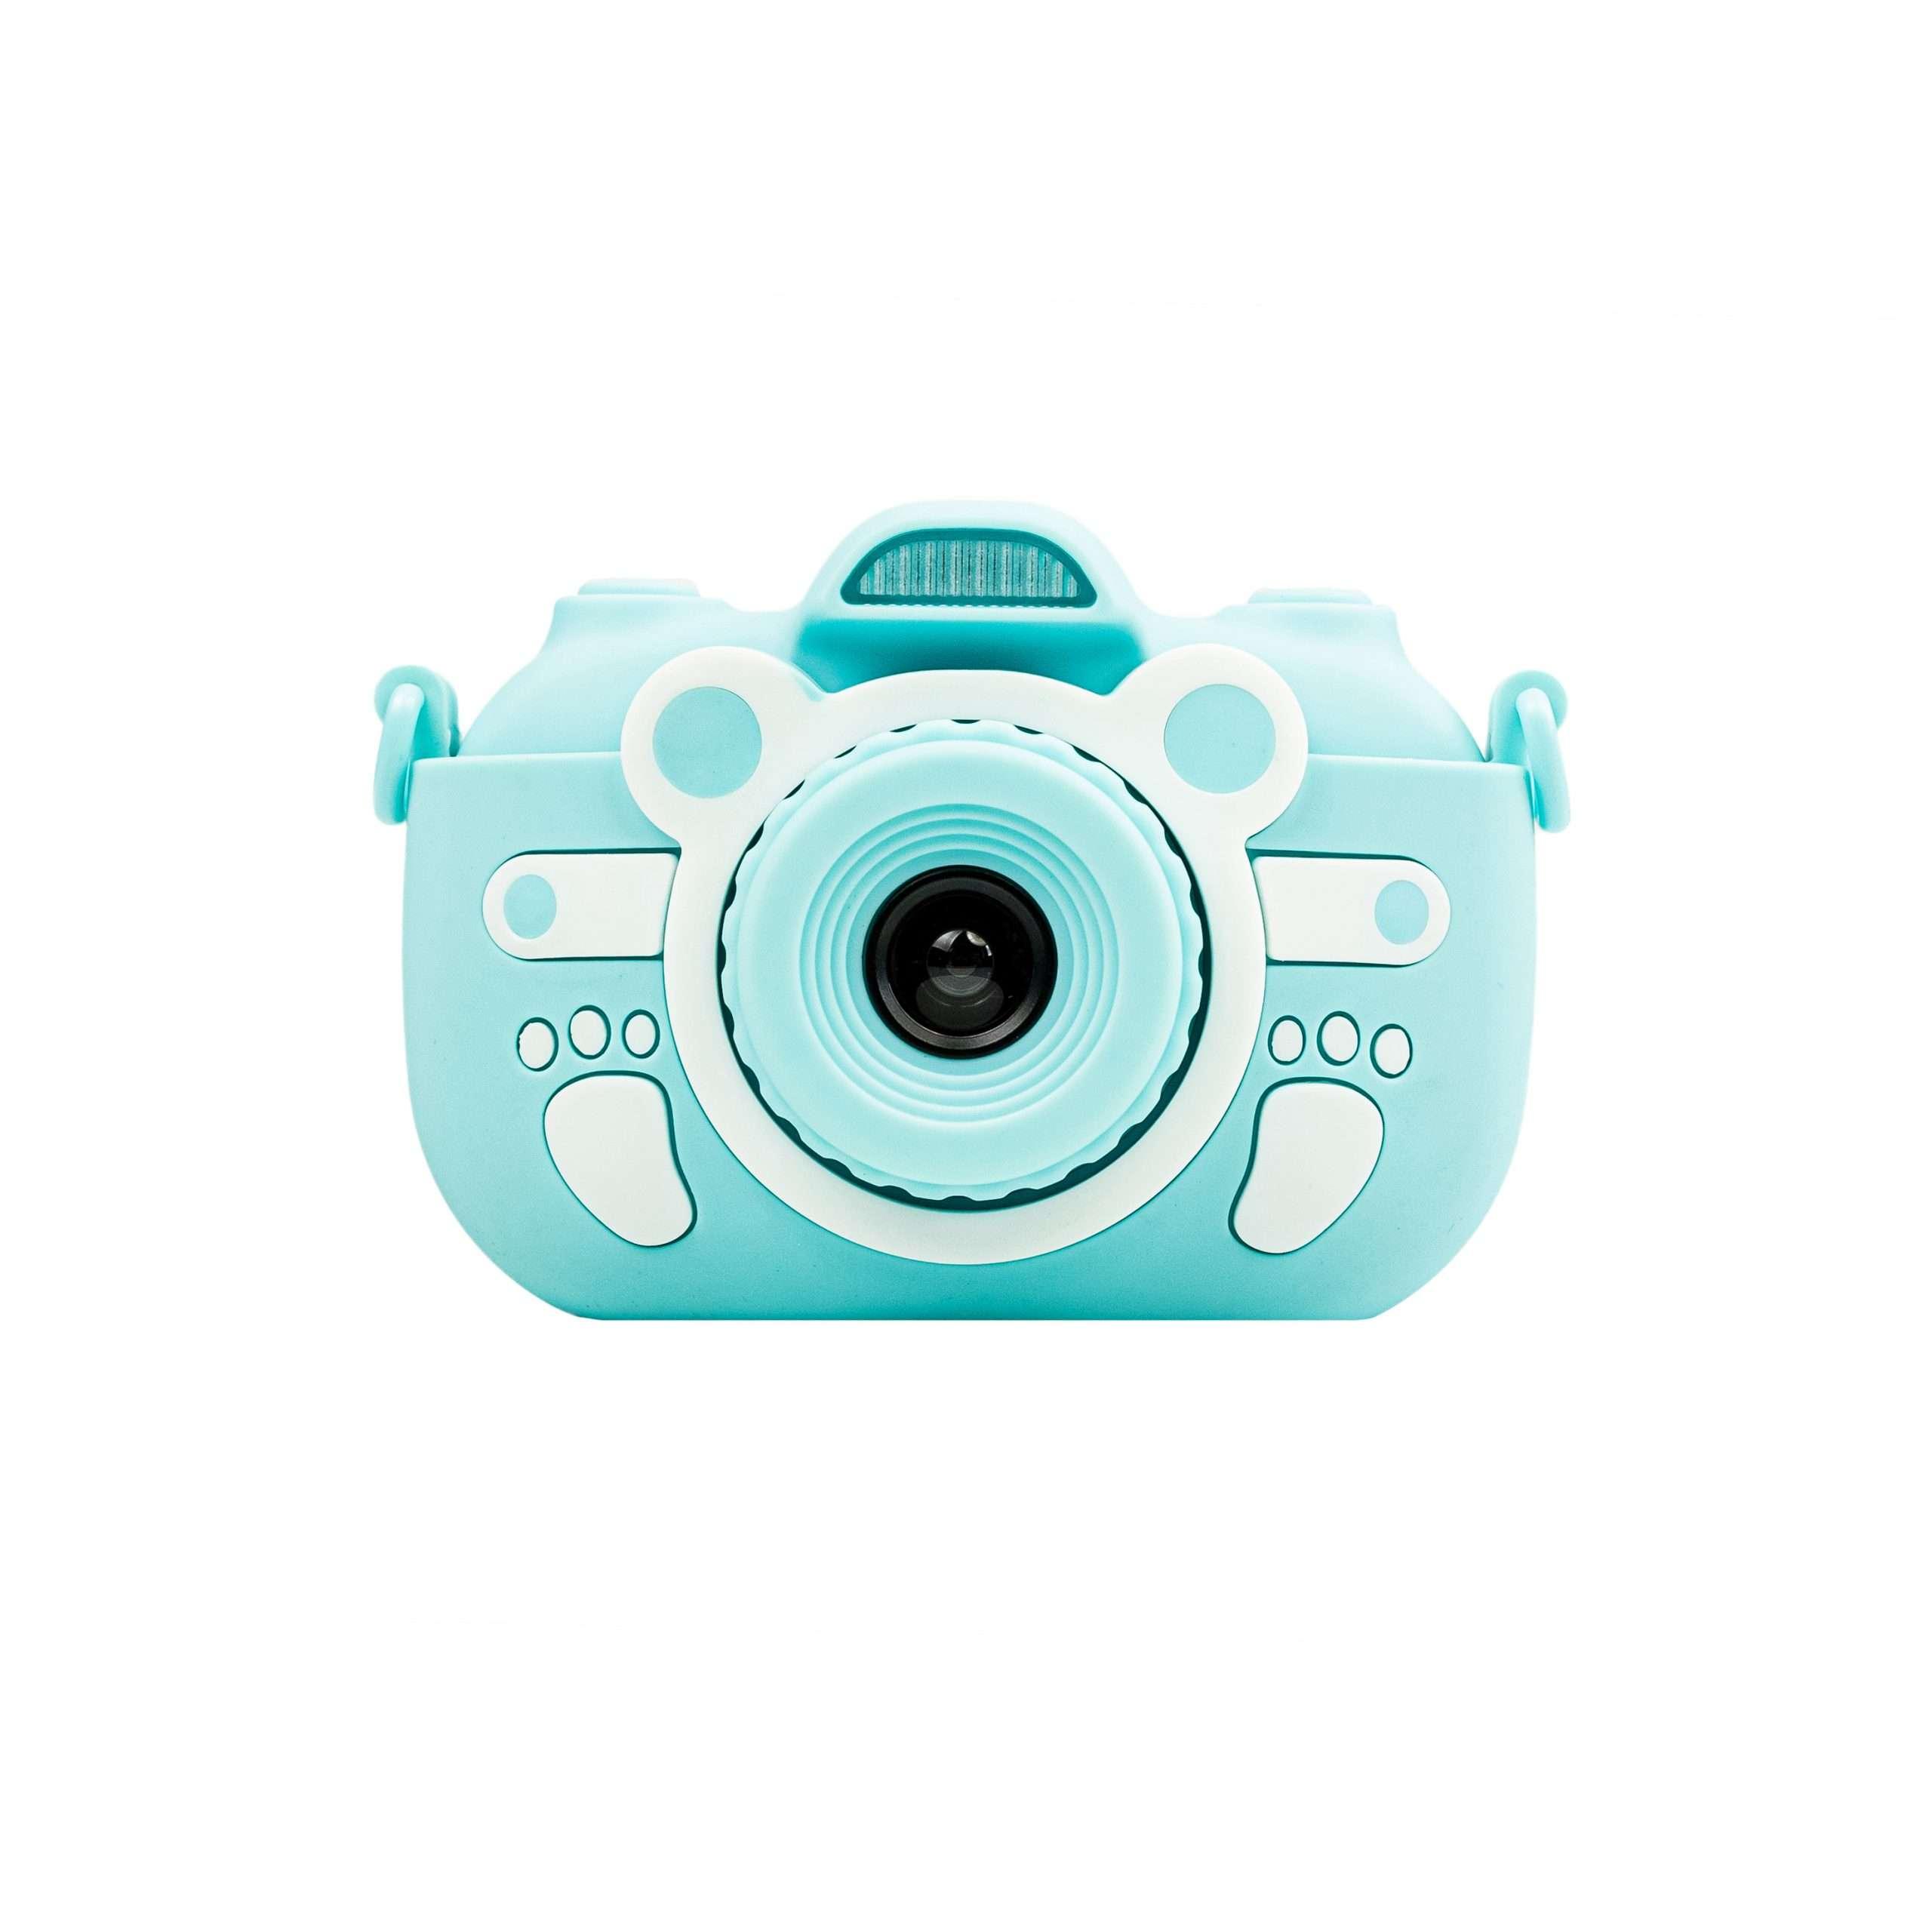 Дитячі фотоапарати – сучасні інтерактивні іграшки